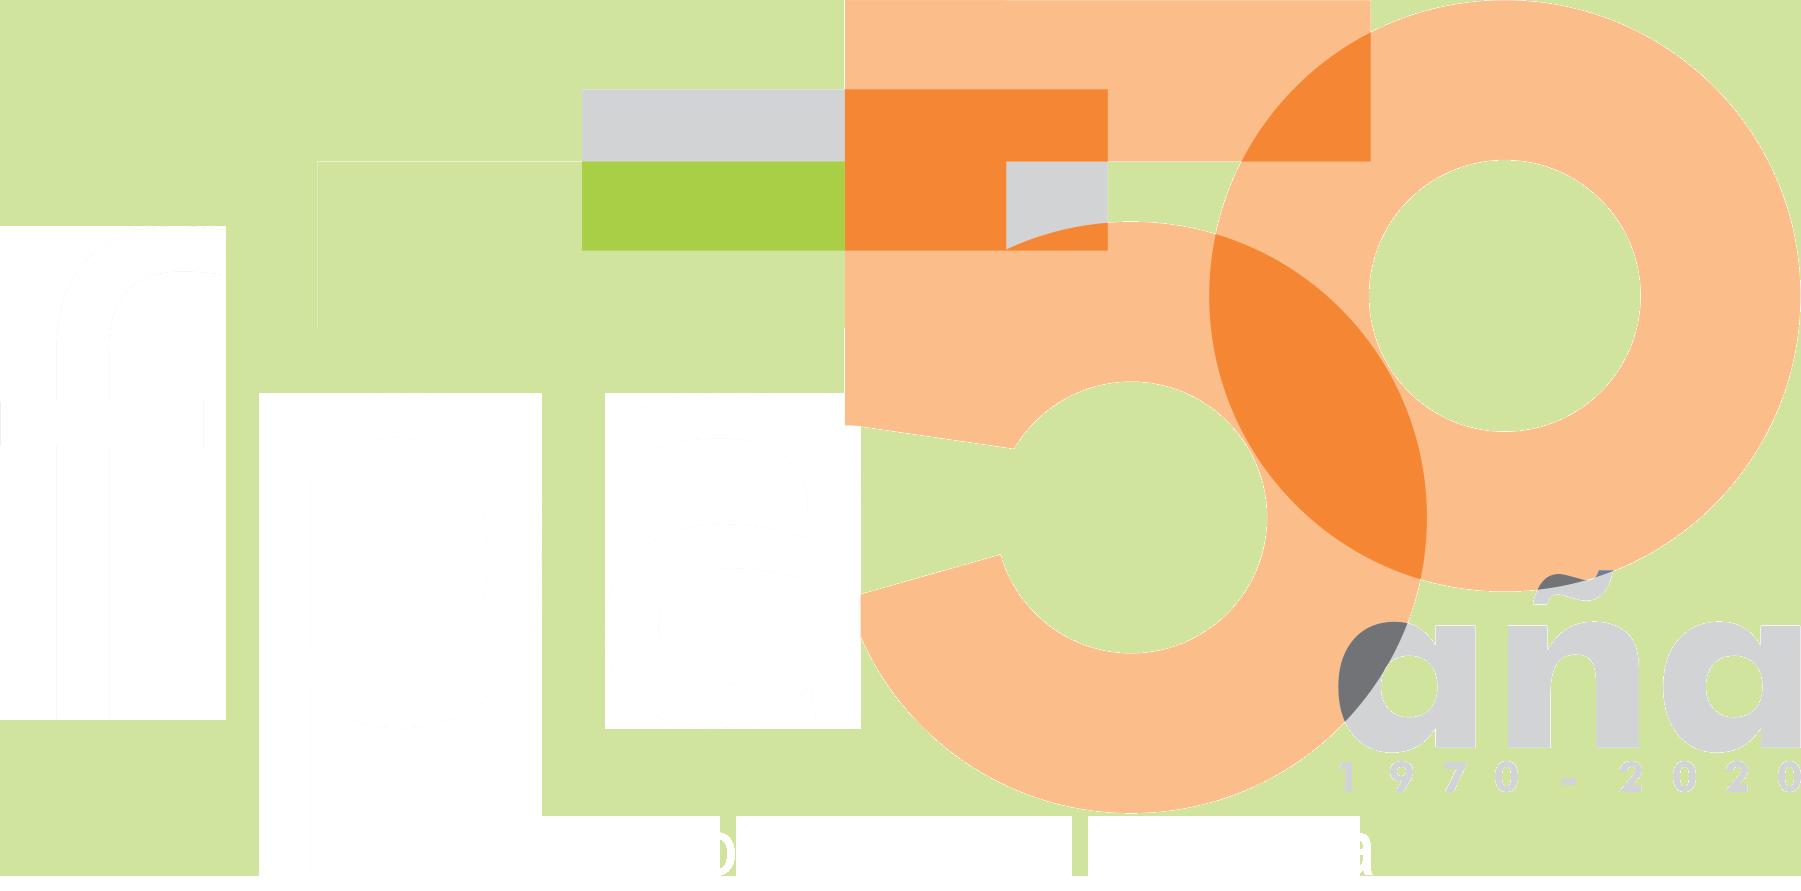 fpa.logo.50